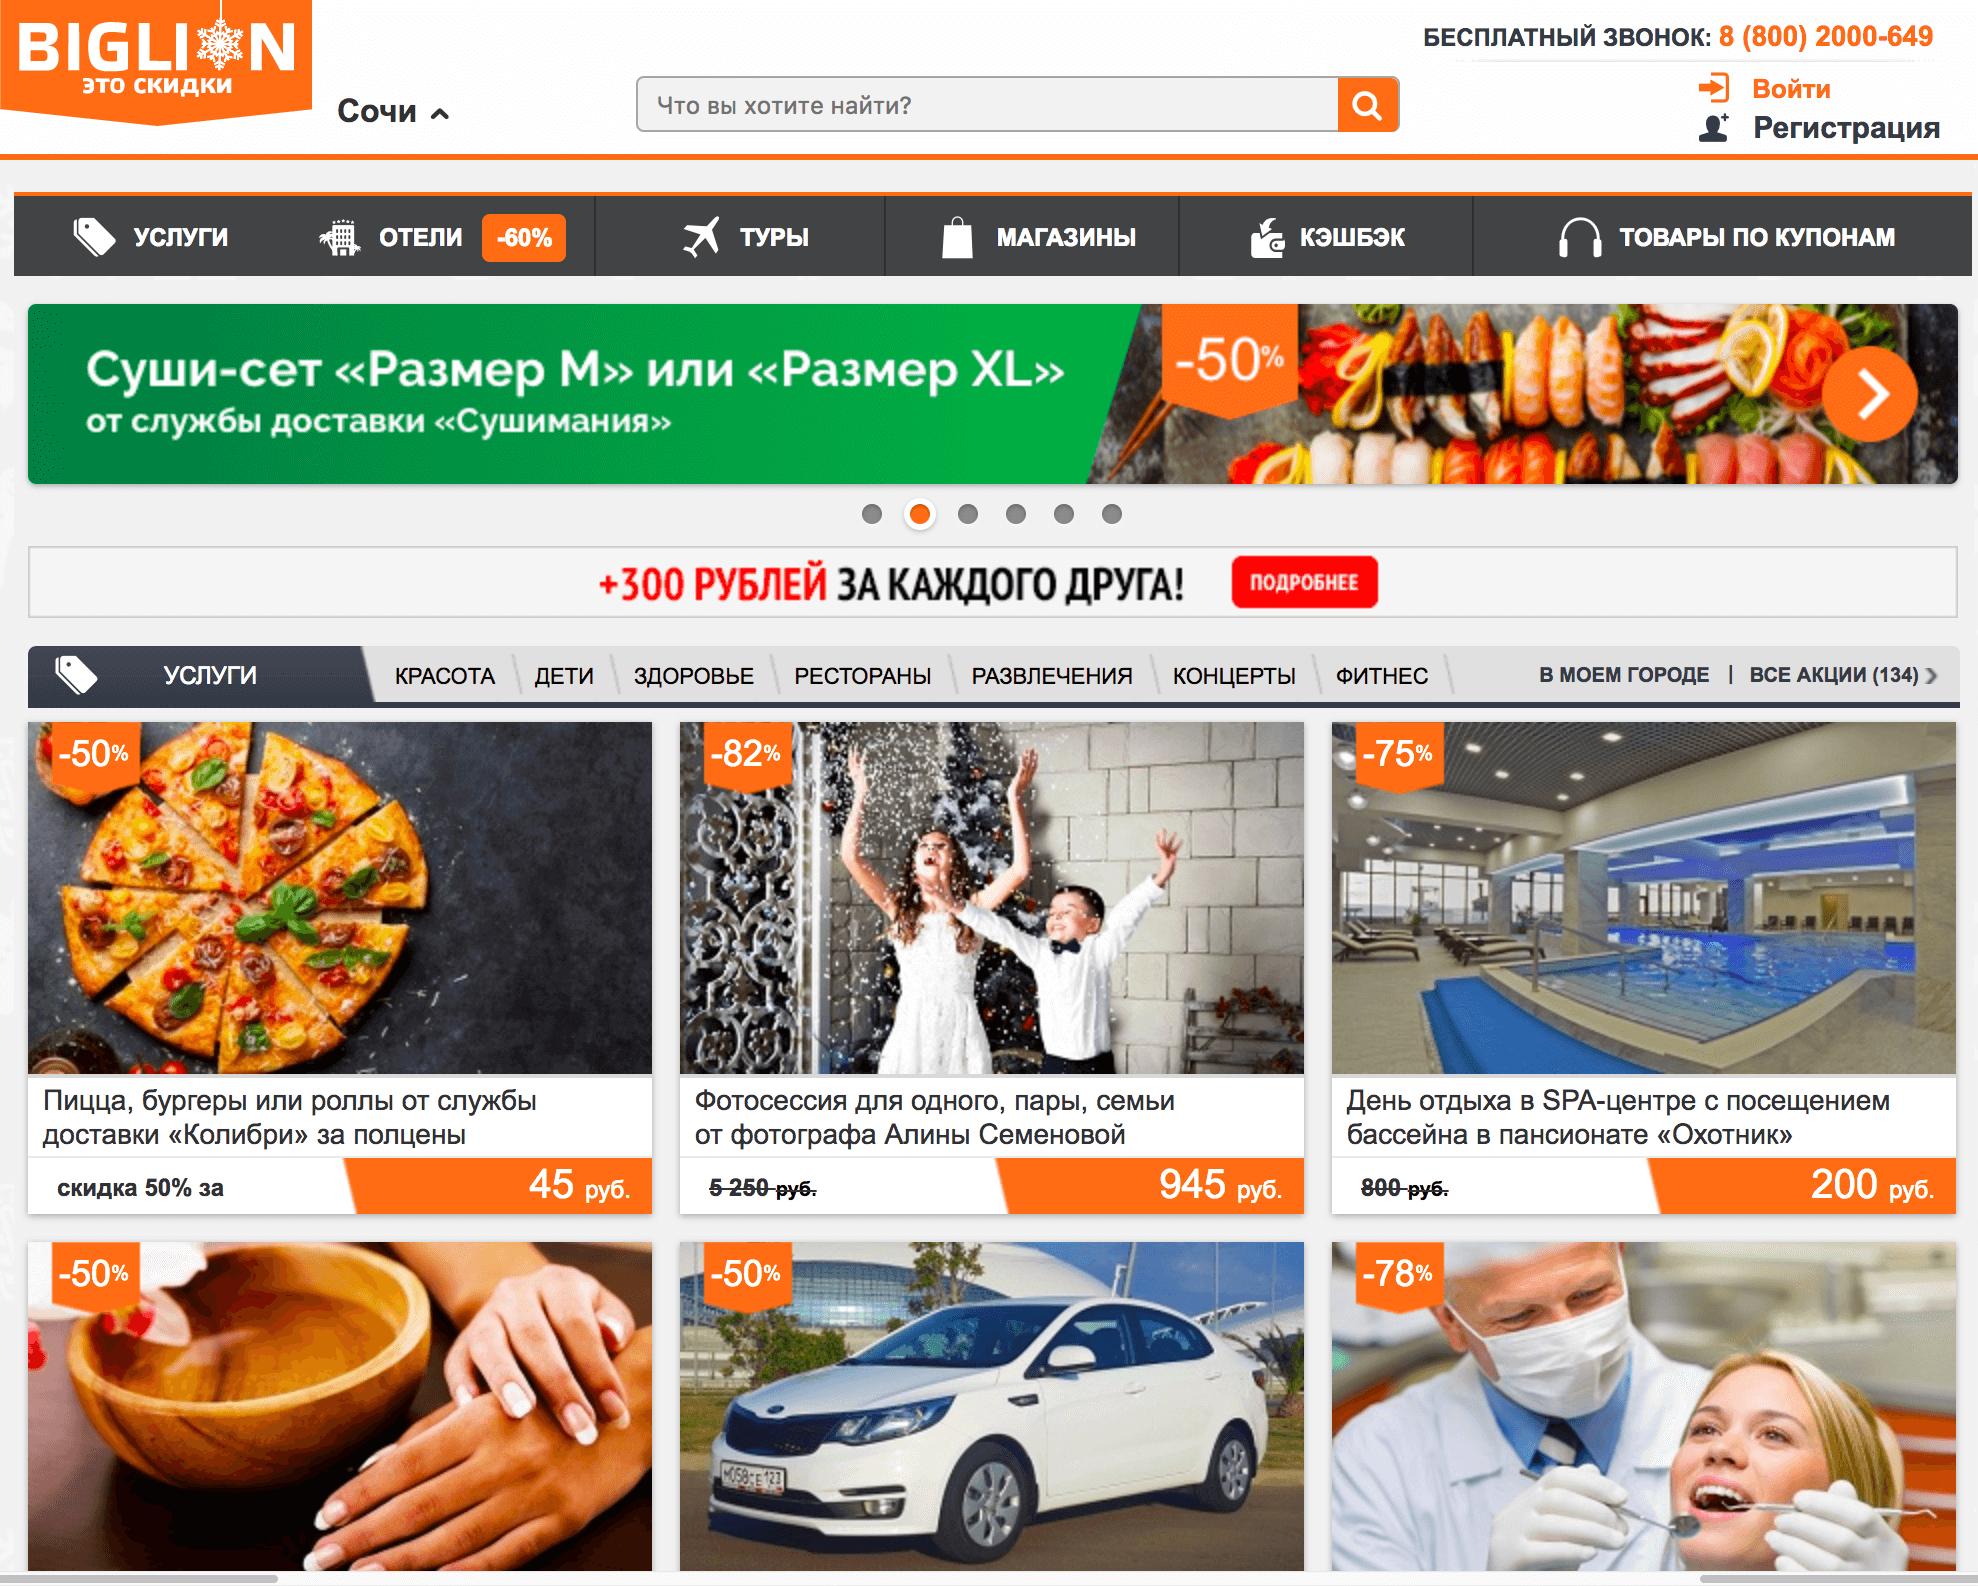 На сайте «Биглиона» продаются купоны на разные услуги со скидкой 50% и выше